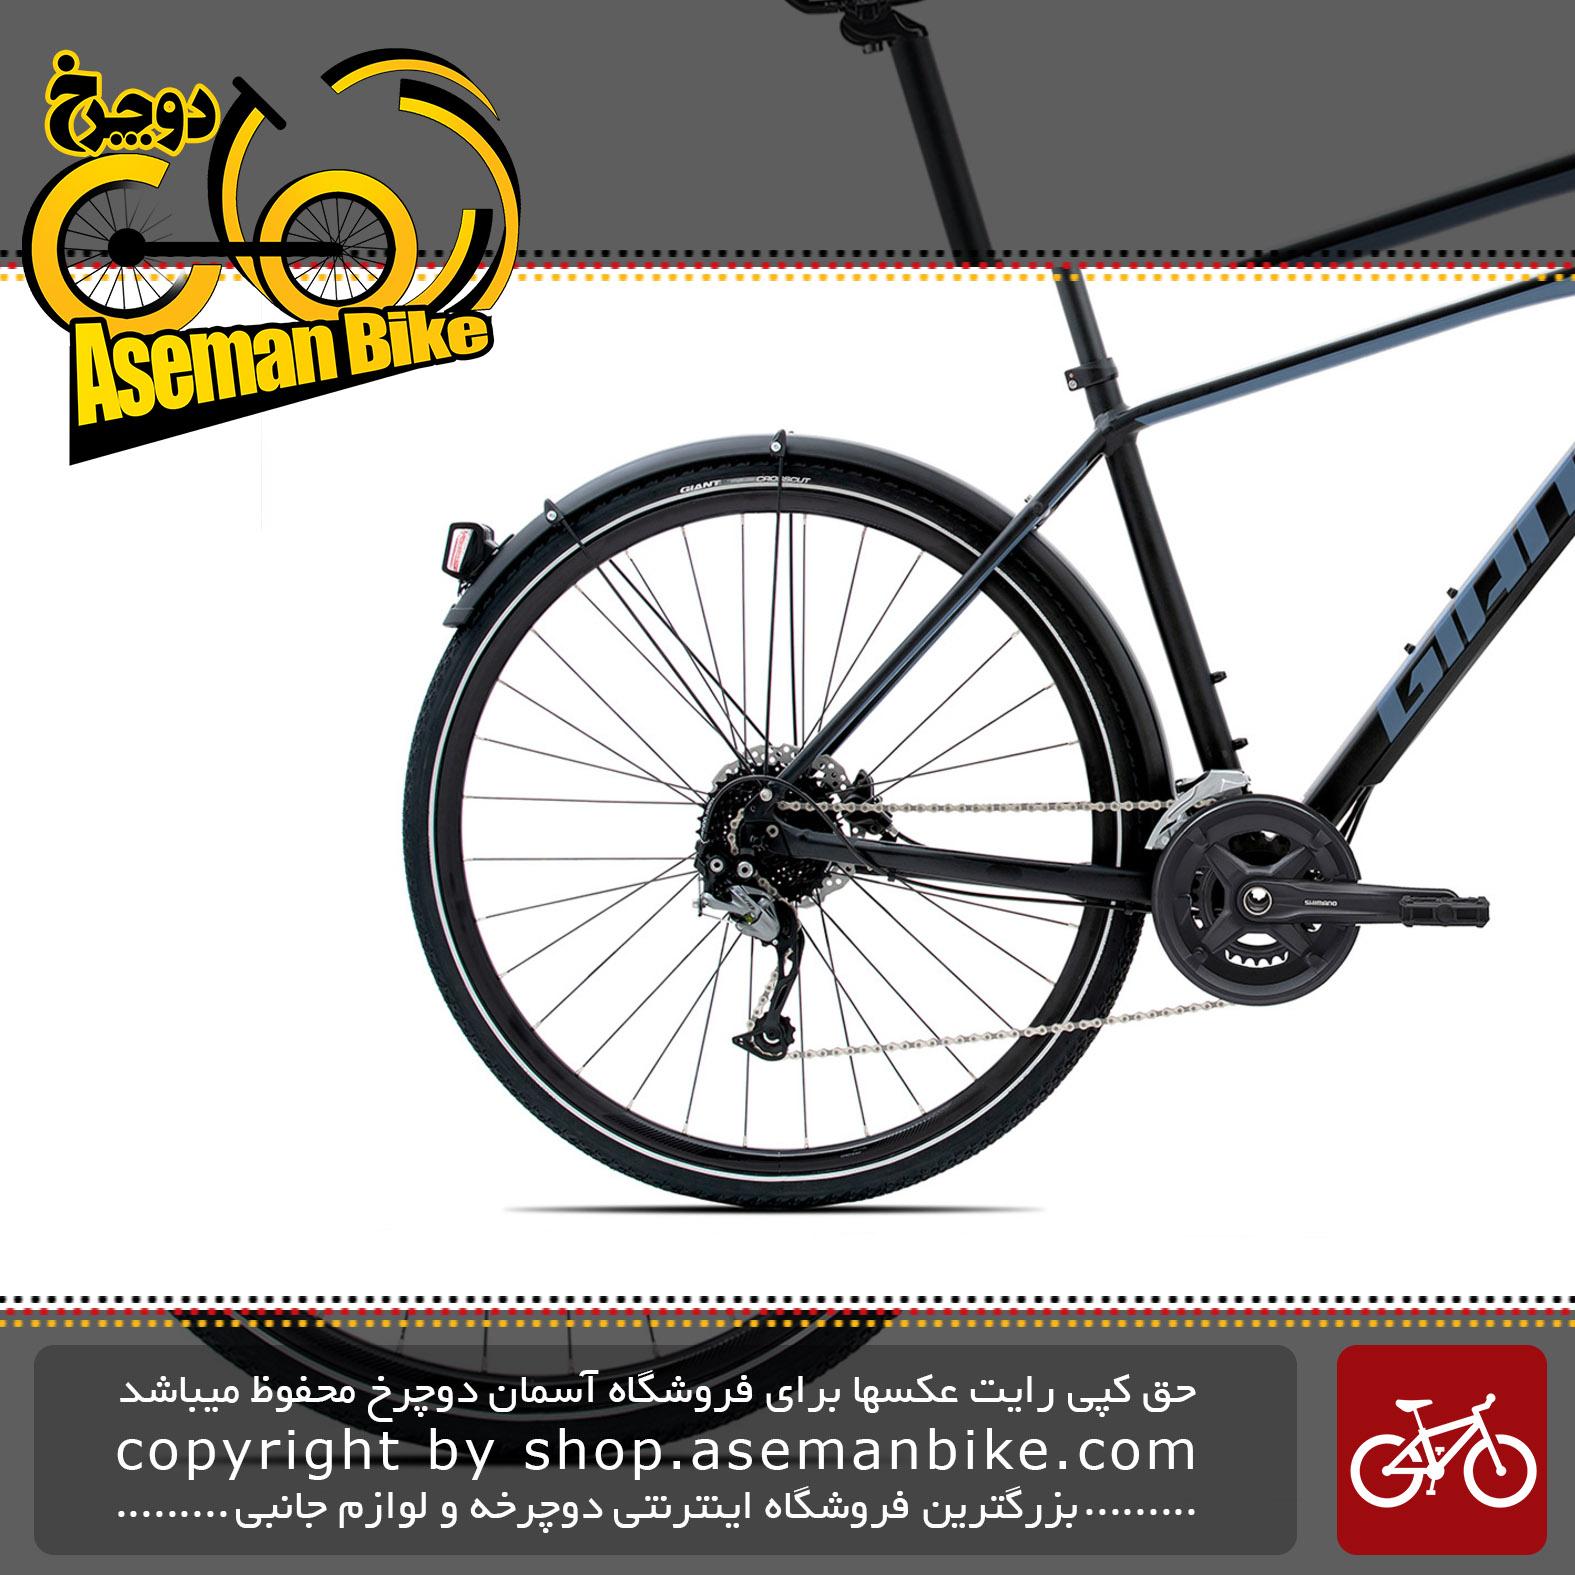 دوچرخه دومنظوره جاینت مدل روآم اکس 2020 Giant Adventure Bicycle Roam EX 2020